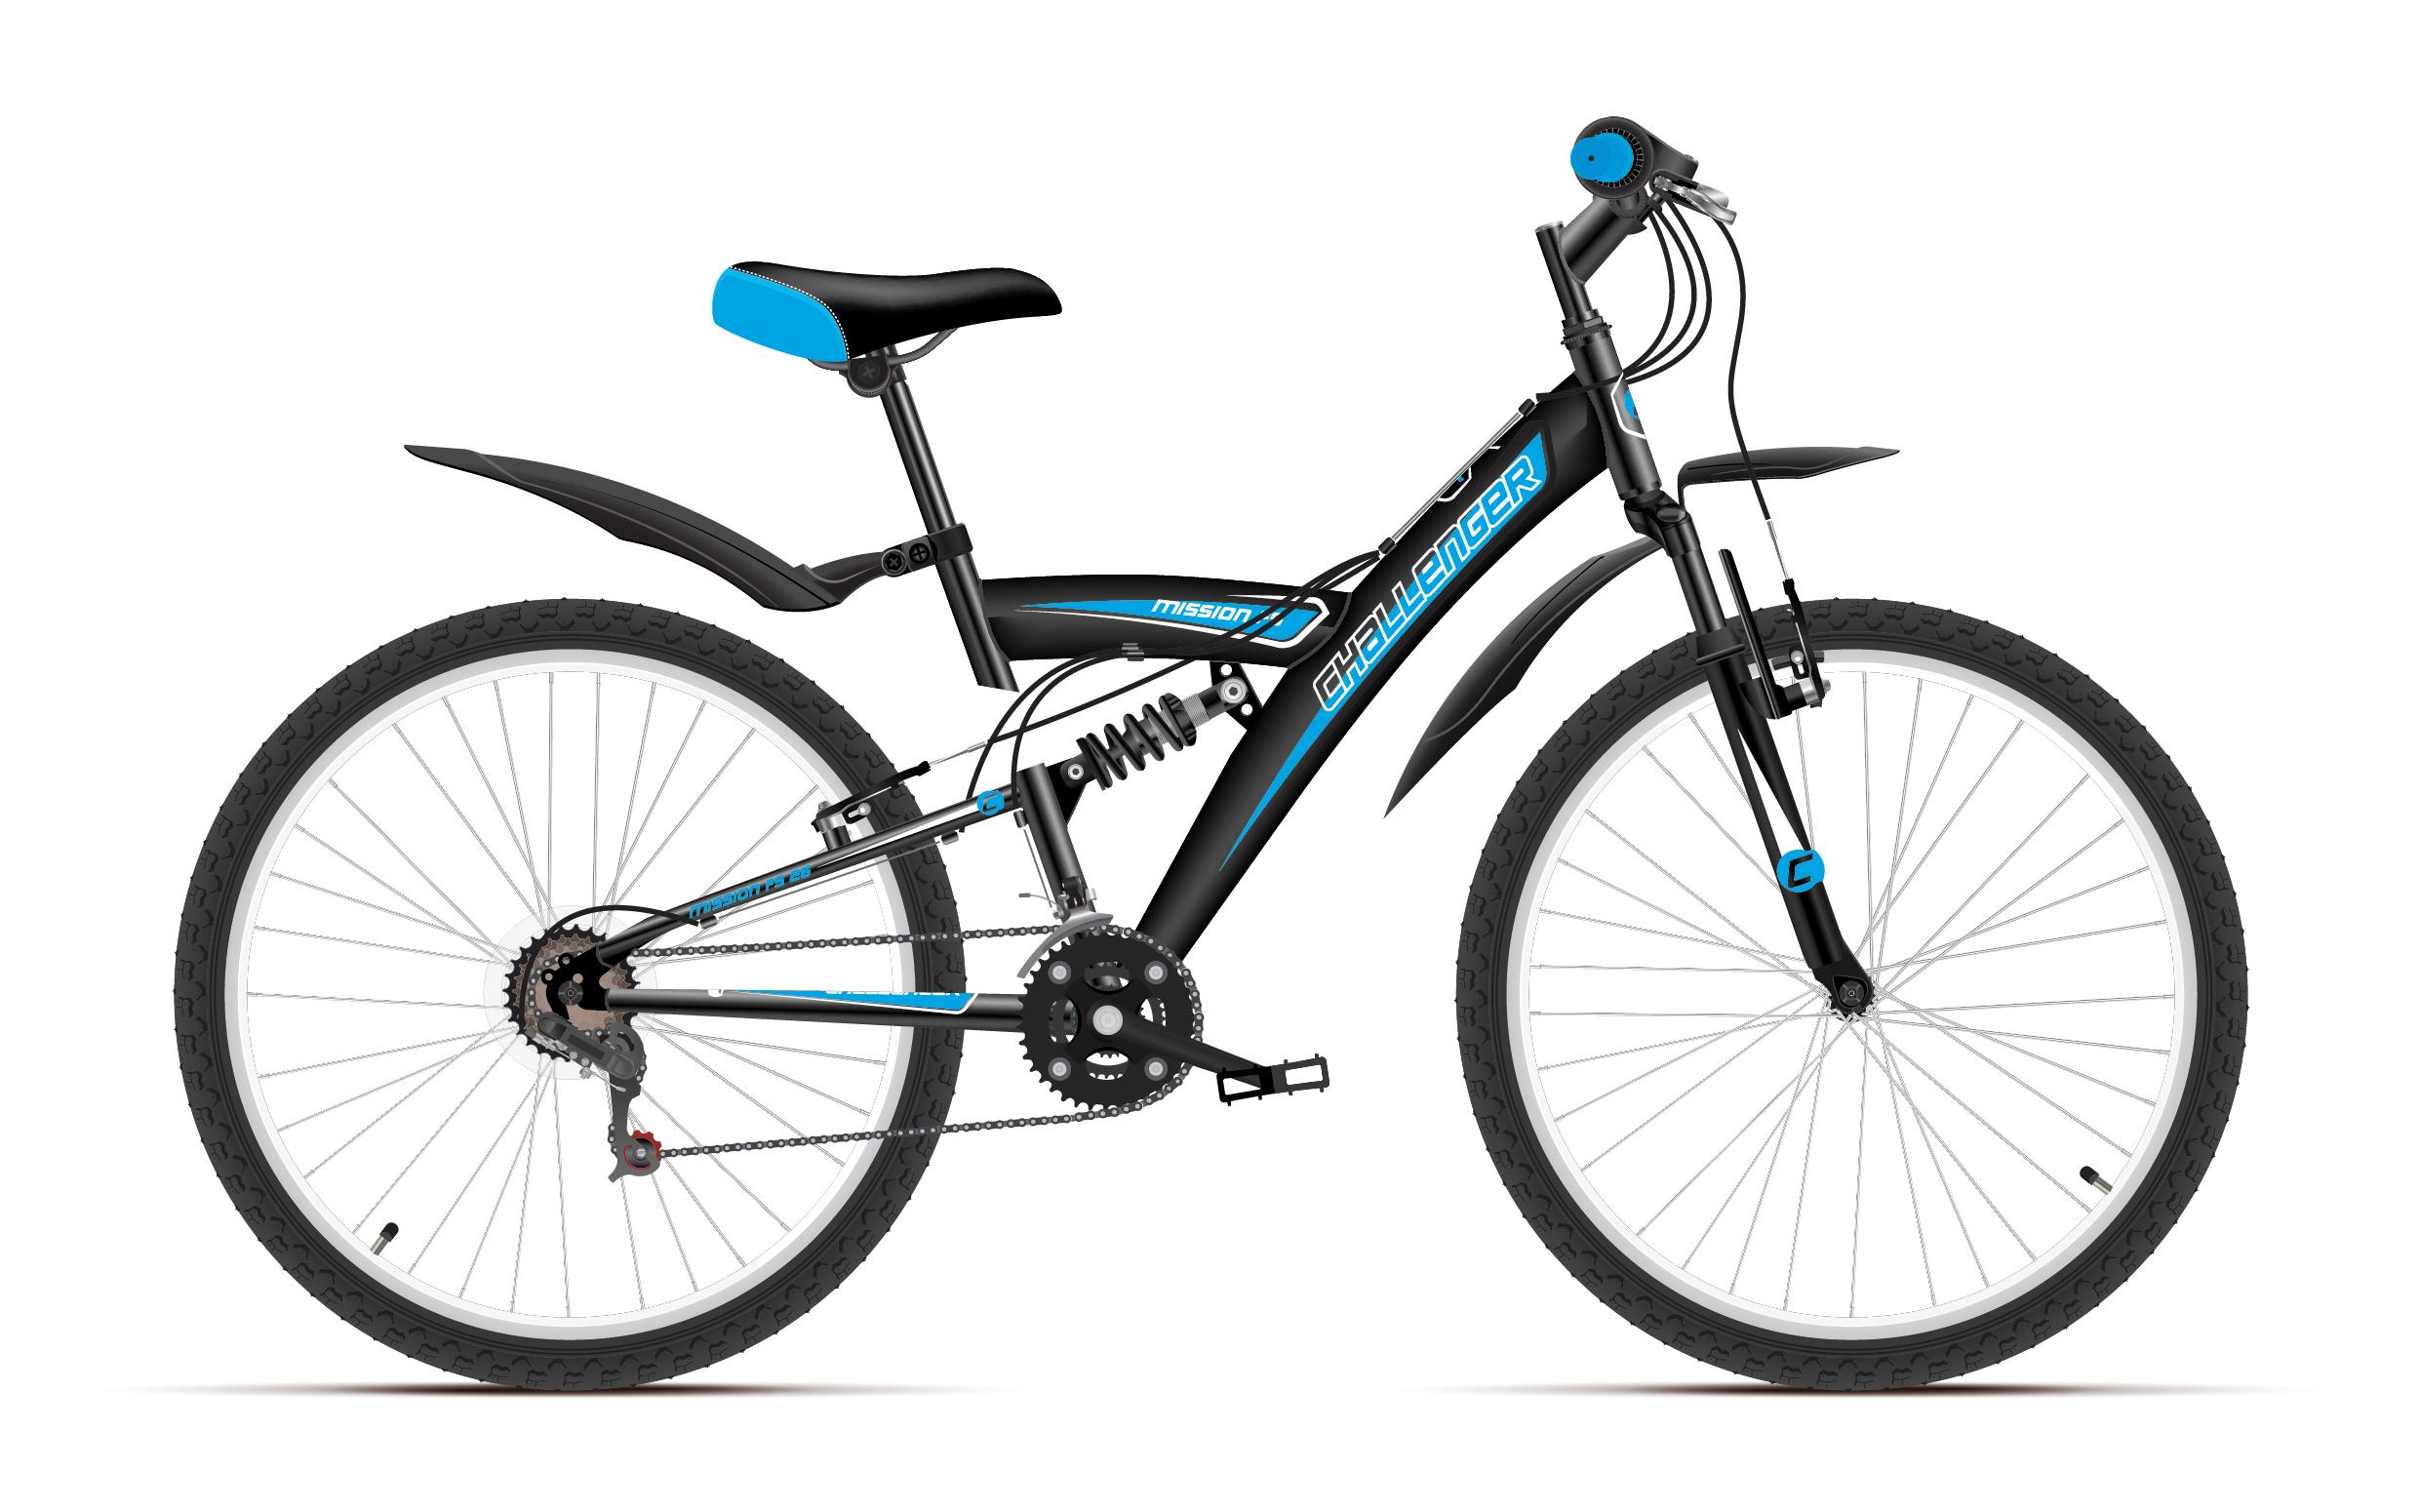 Велосипед Challenger Mission FS 26 2018 чёрный-синий-белый 18 д